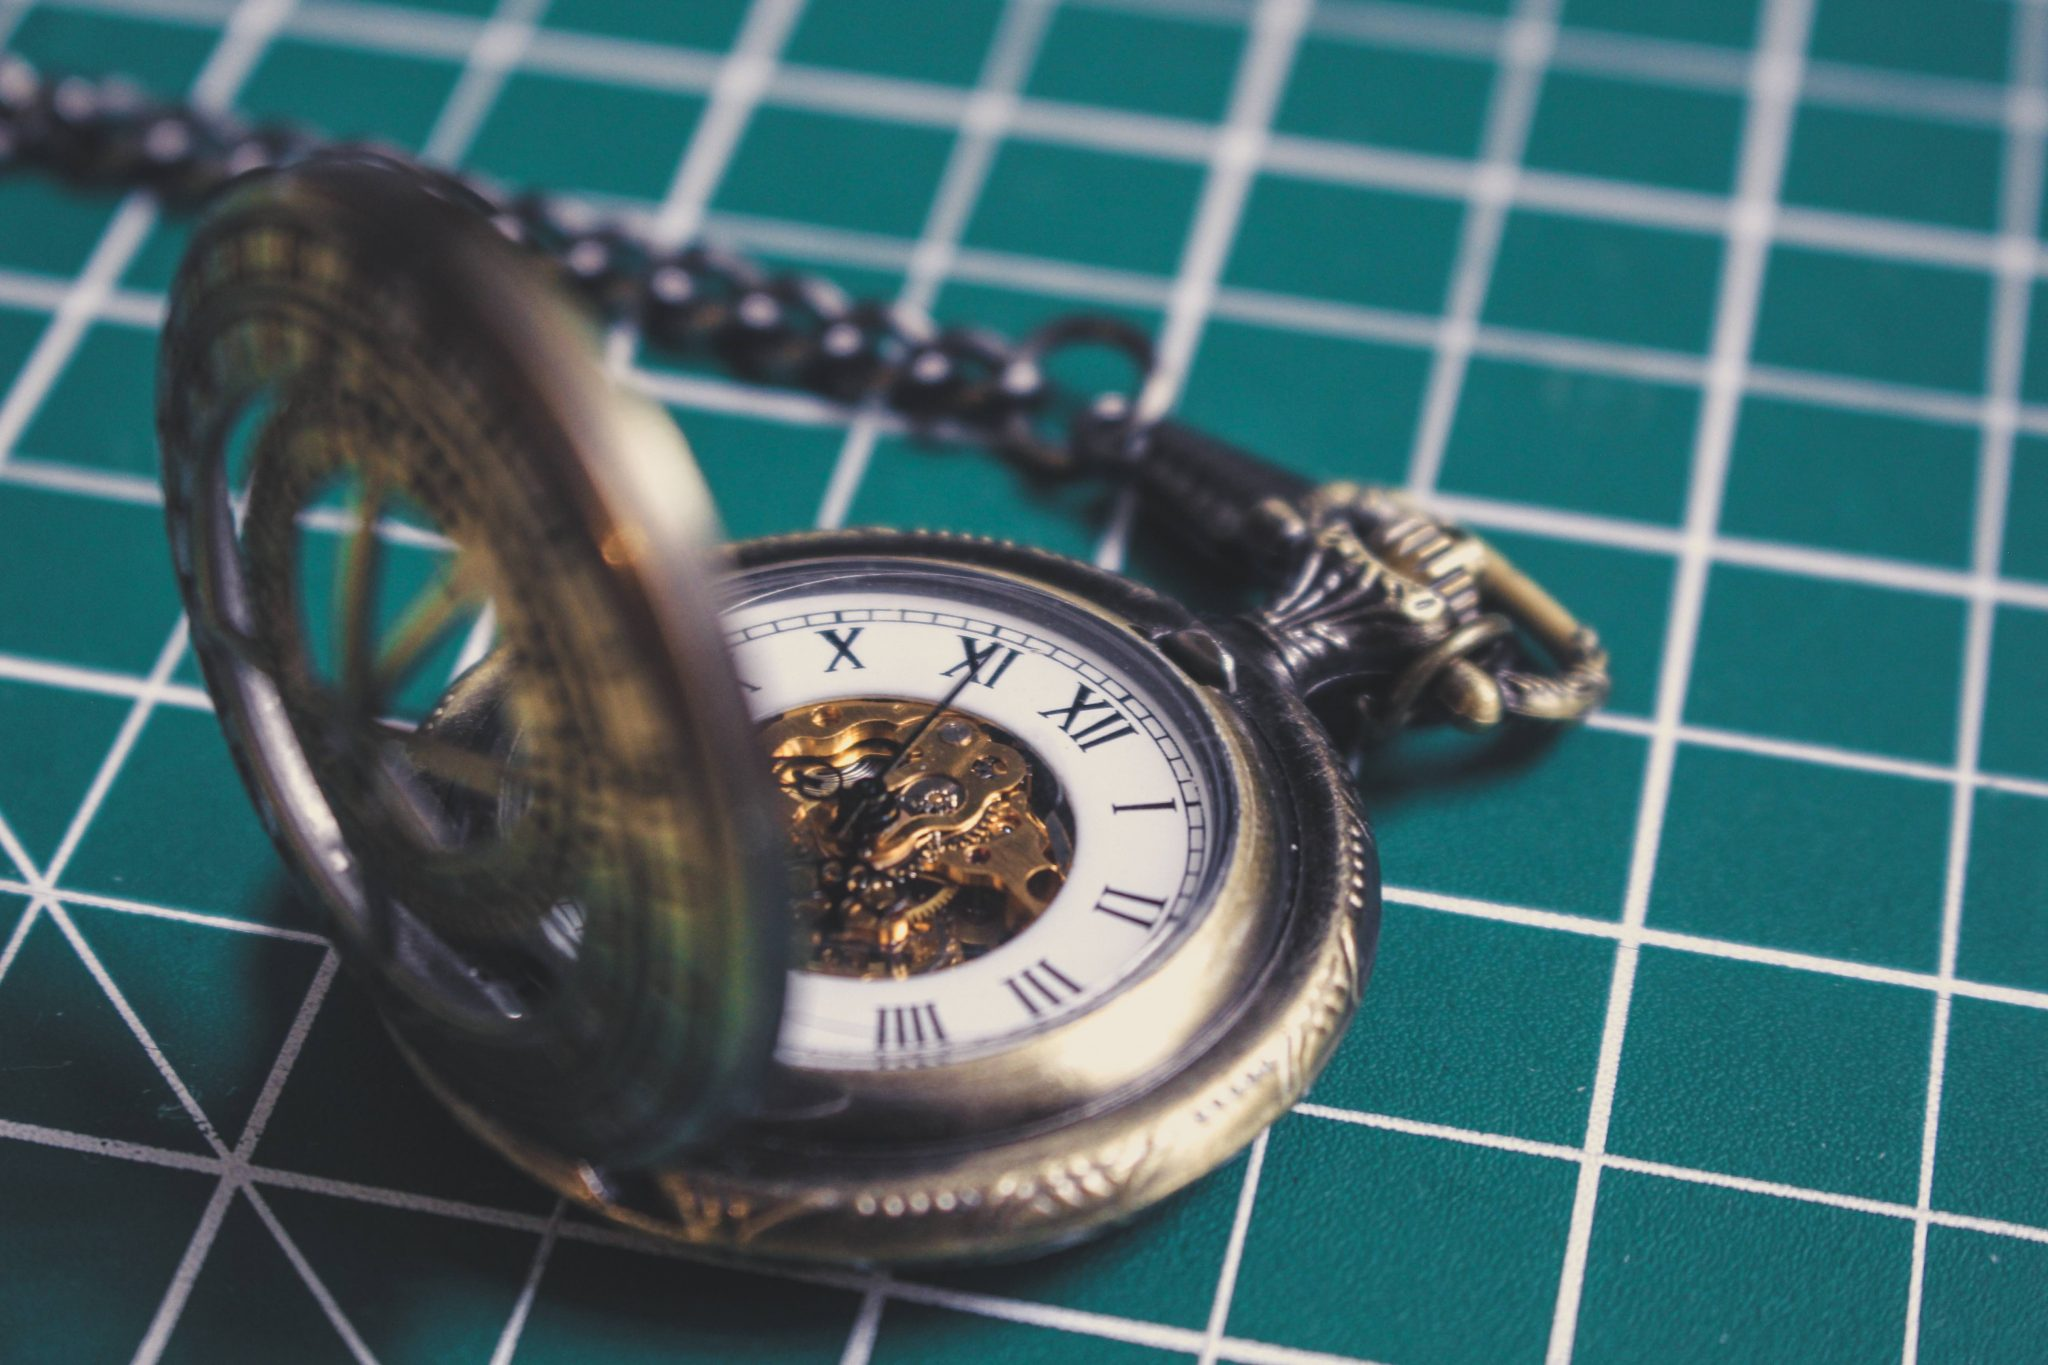 Un orologio, che simboleggia la gestione del tempo.